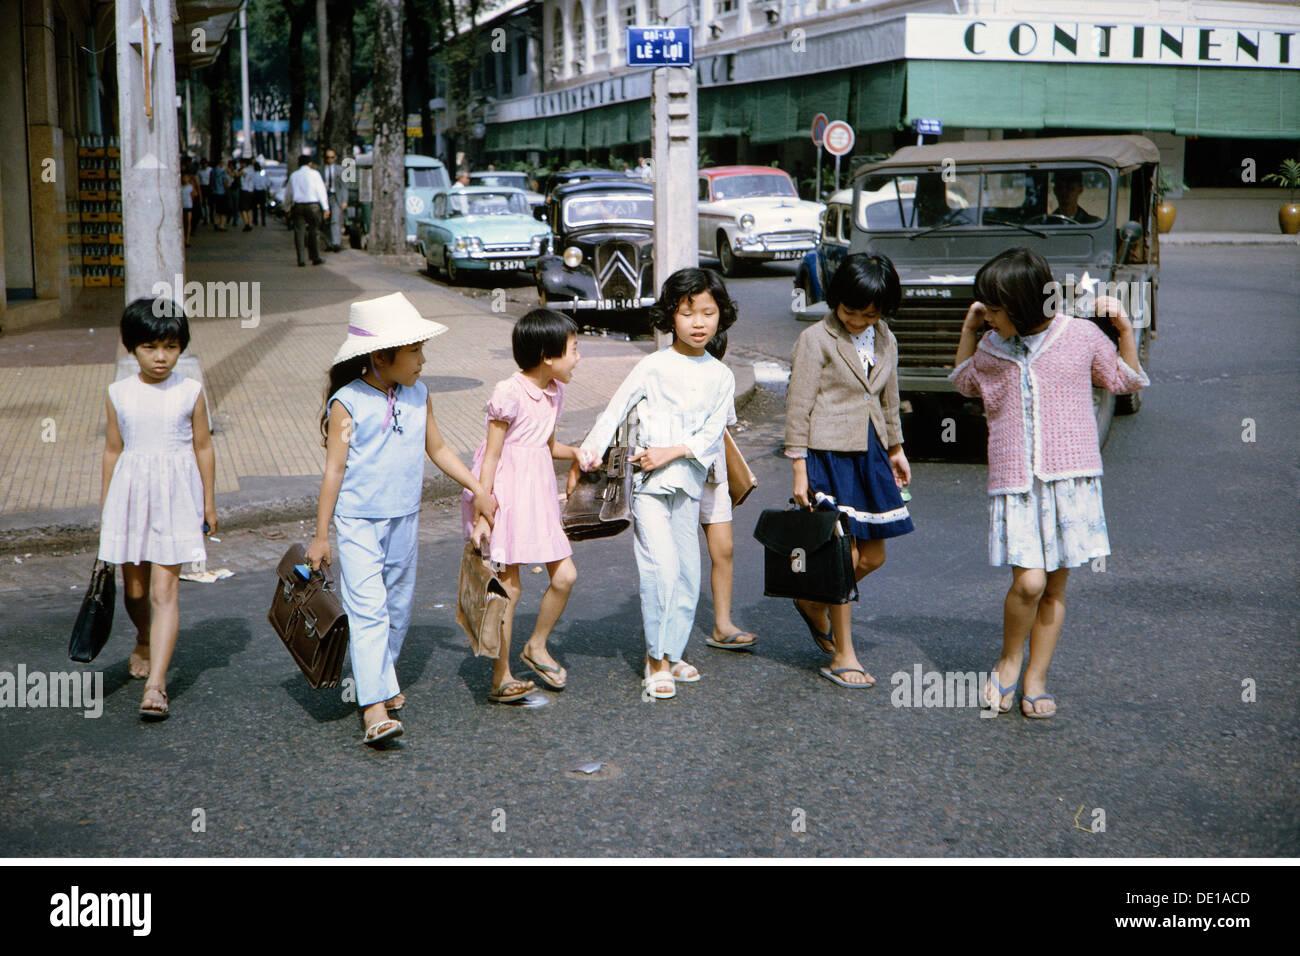 Vietnam Krieg 1957 - 1975,Vietnamesische Schulkinder auf der Straße in der Nähe des Hotels Continental,Saigon,Südvietnam,1965,Zivilbevölkerung,Zivilisten,Schüler,Schüler,Schüler,Studenten,Schulmädchen,Schülerinnen,Militär,Streitkräfte,Jeep,Jeeps,Militär,Nam Stockfoto